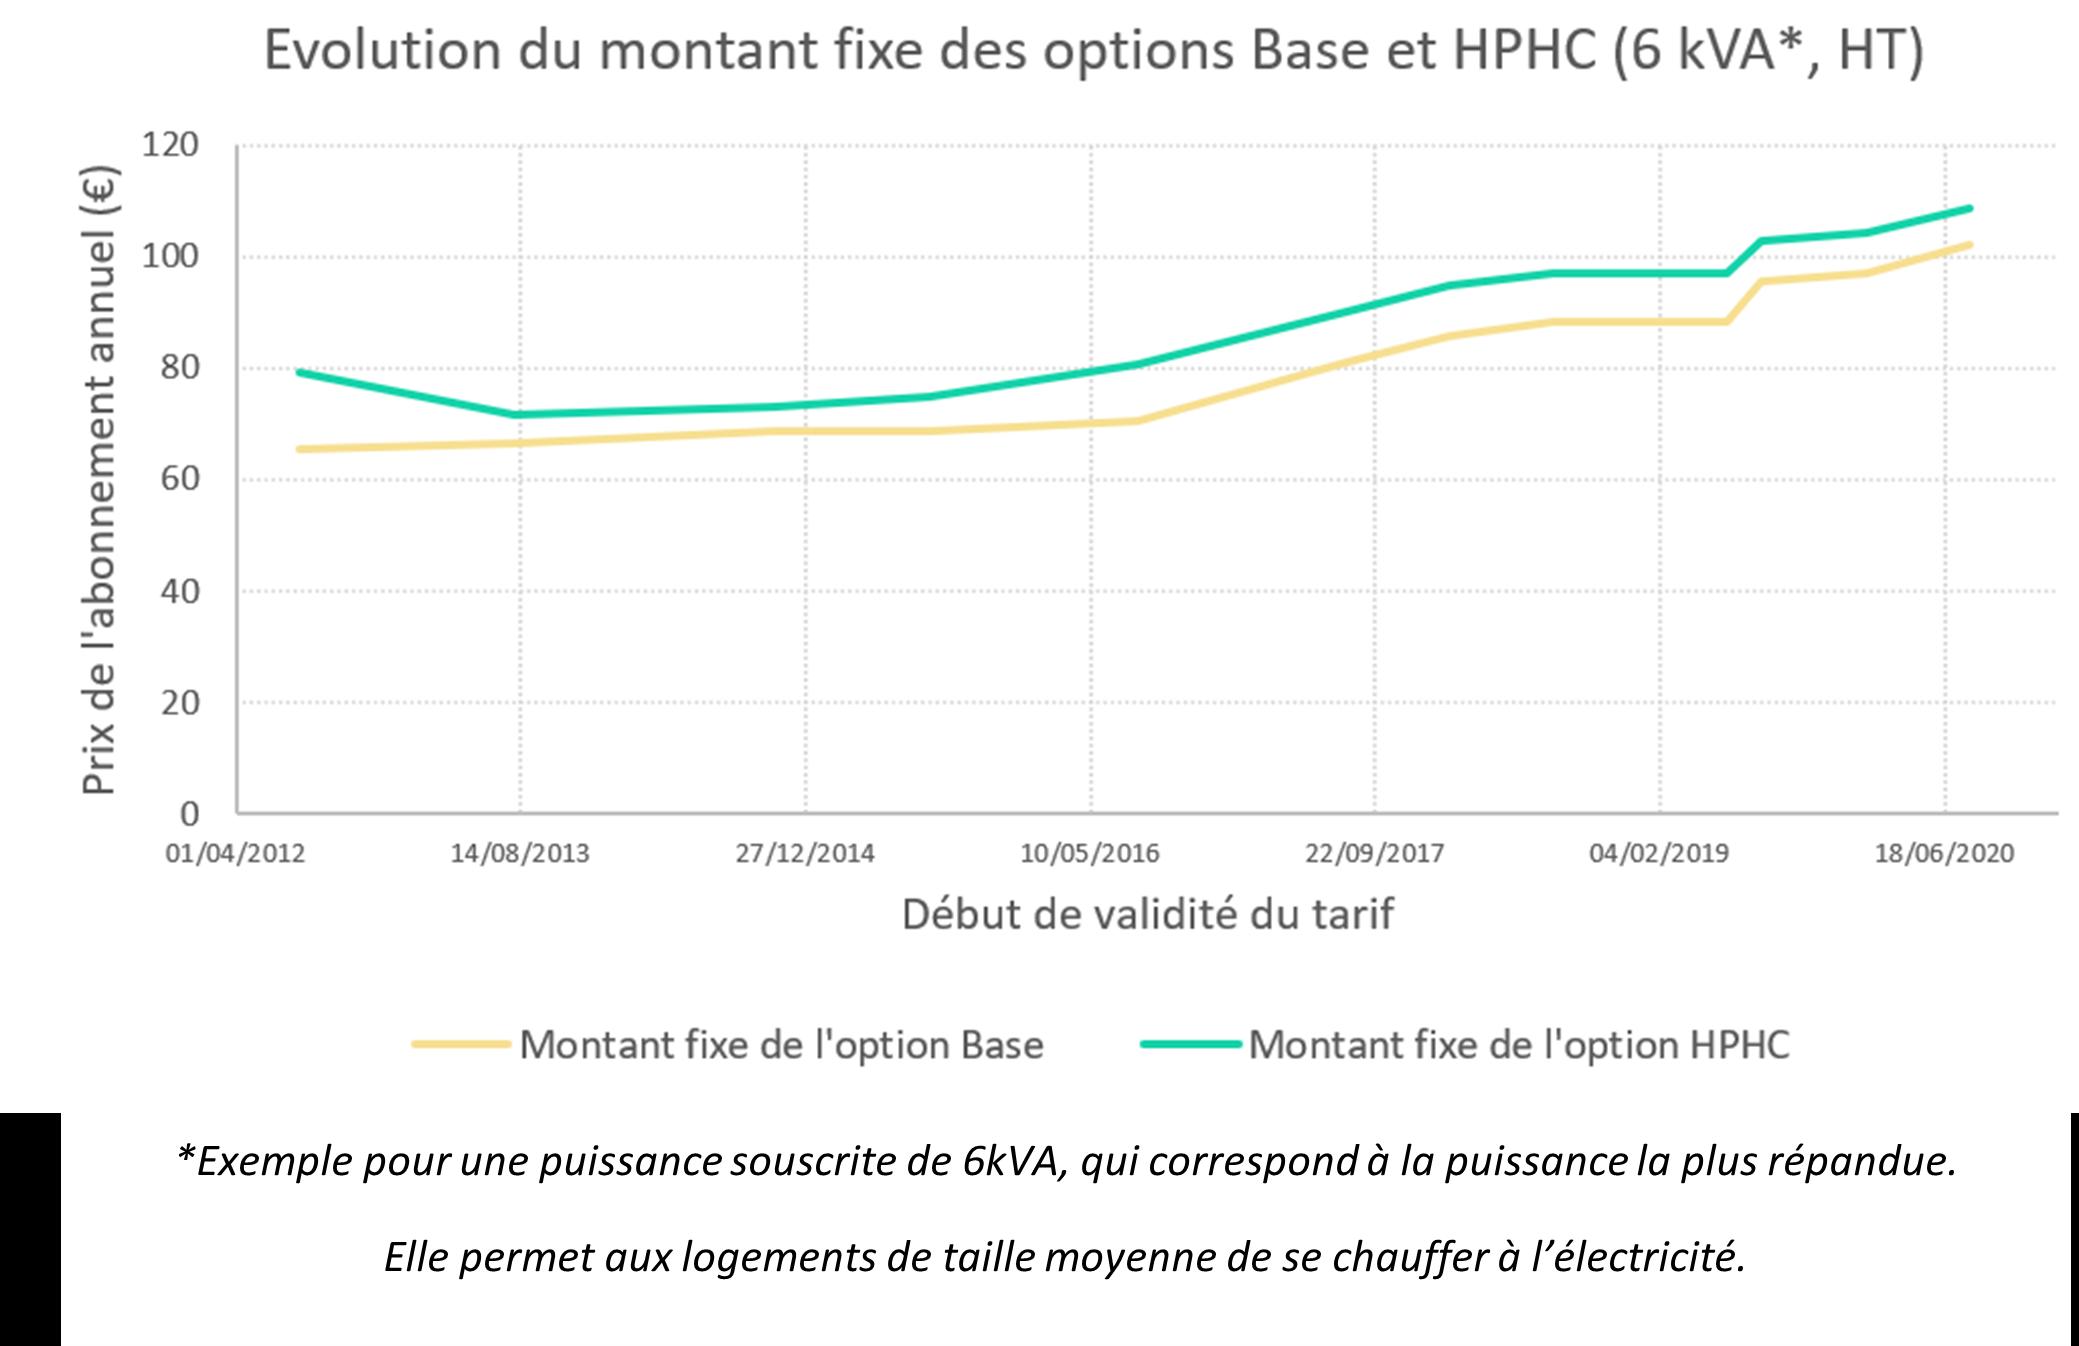 graphique montrant l'évolution  du montant fixe des options base et HP/HC